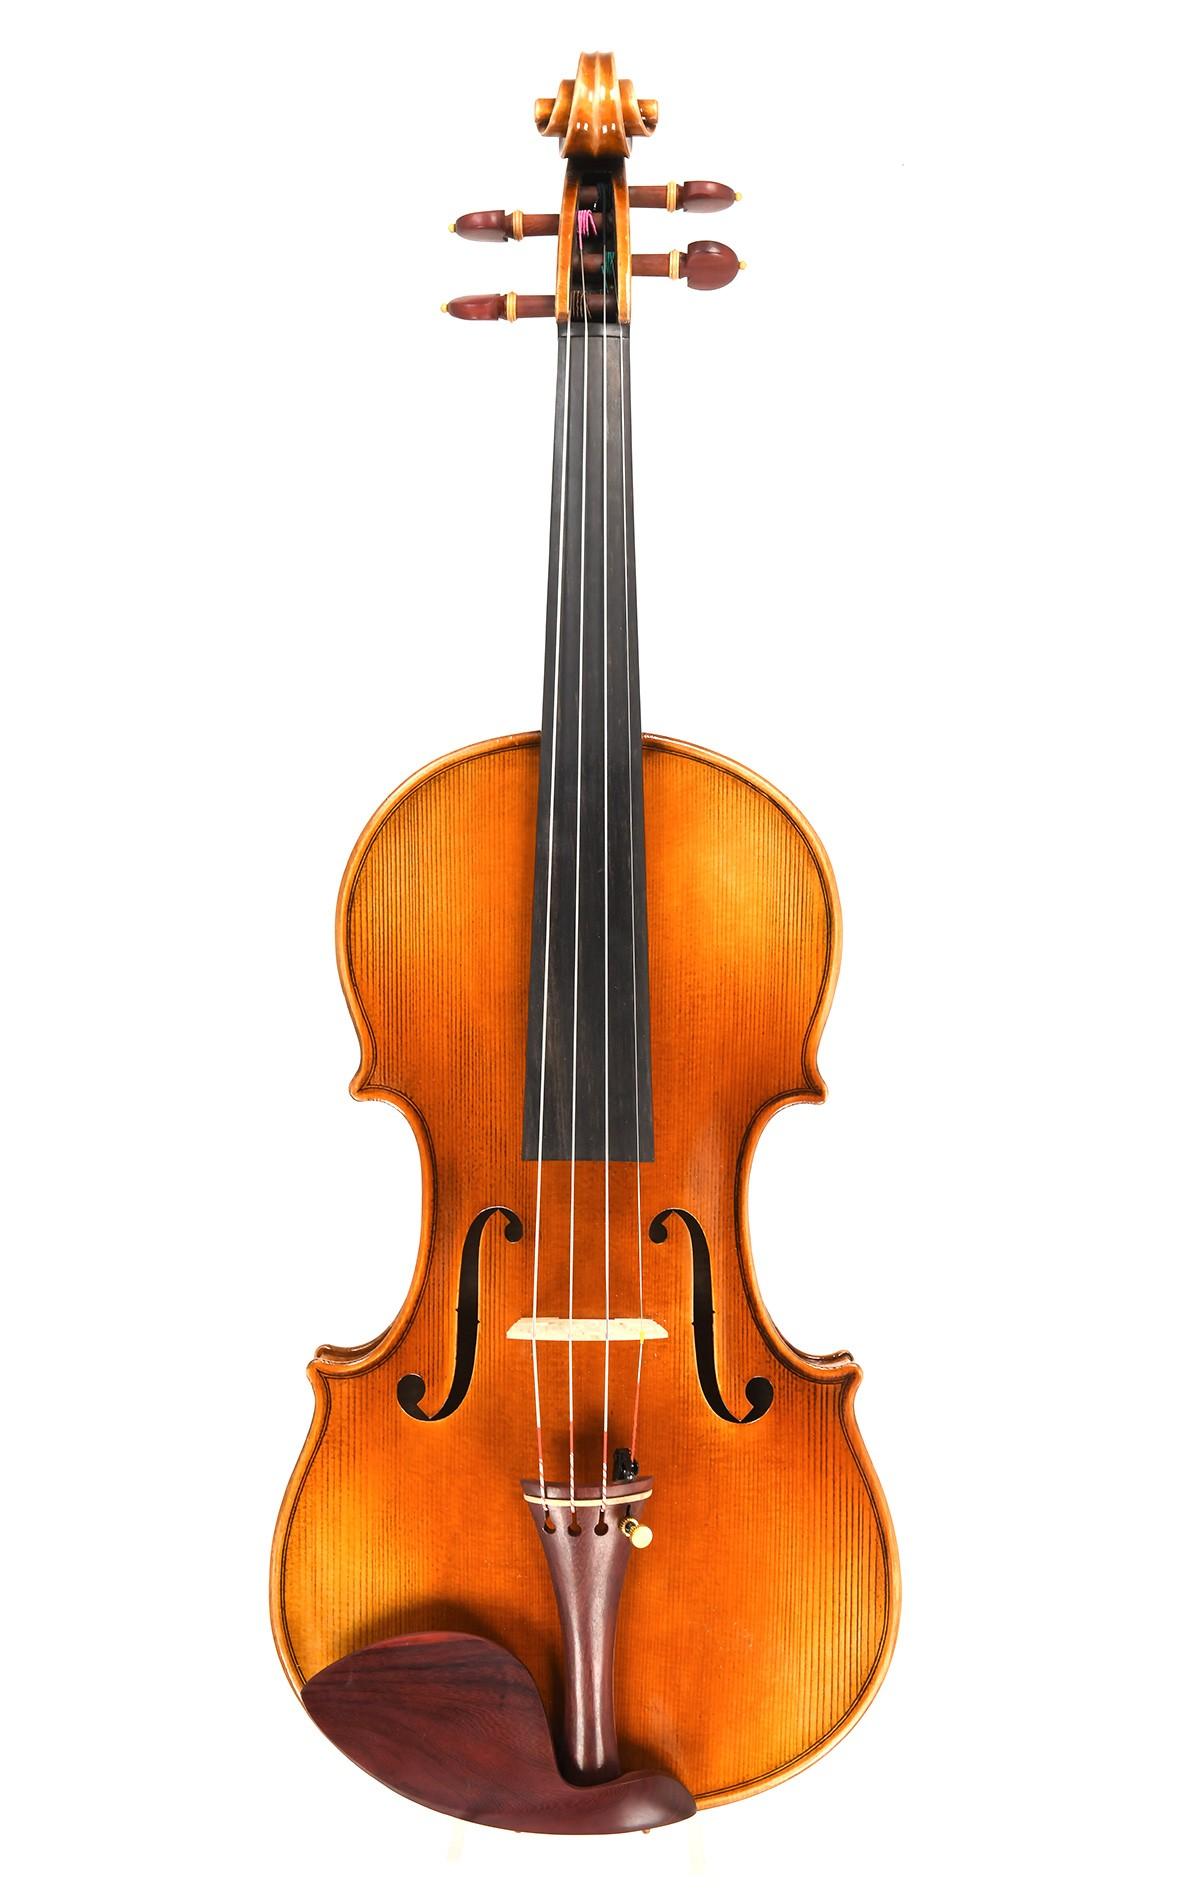 Violine aus der CV Selectio reihe